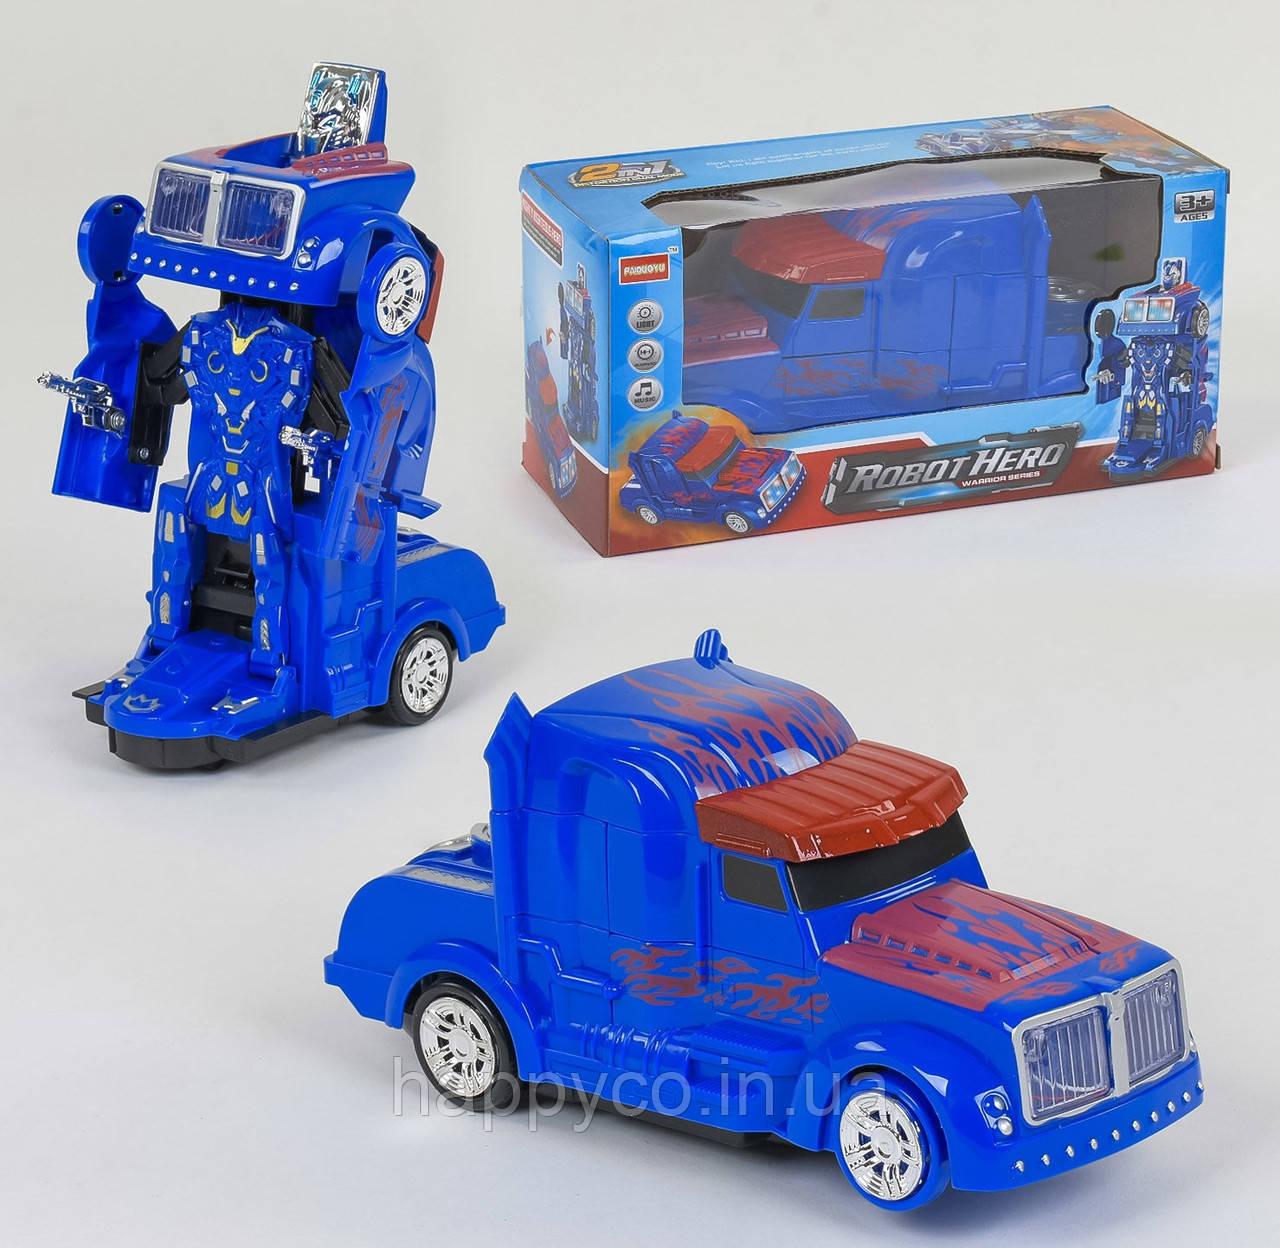 Детская машинка трансформер на батарейках, световые и звуковые эффекты